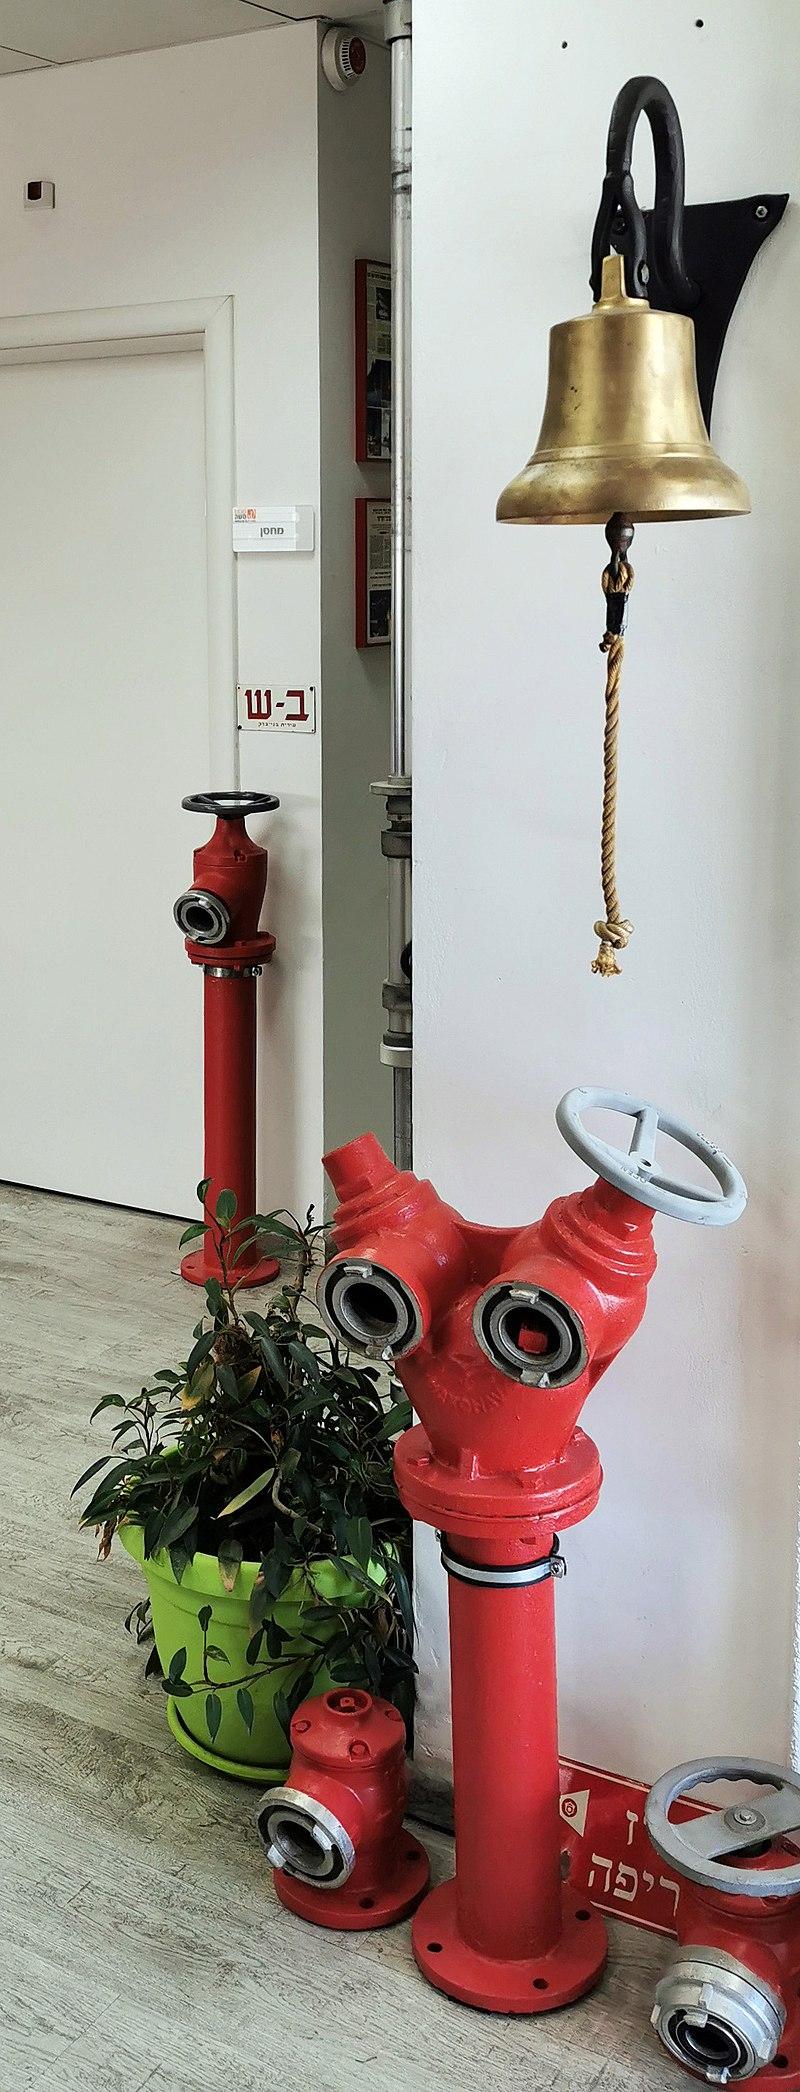 פעמון ידני בבית מכבי אש